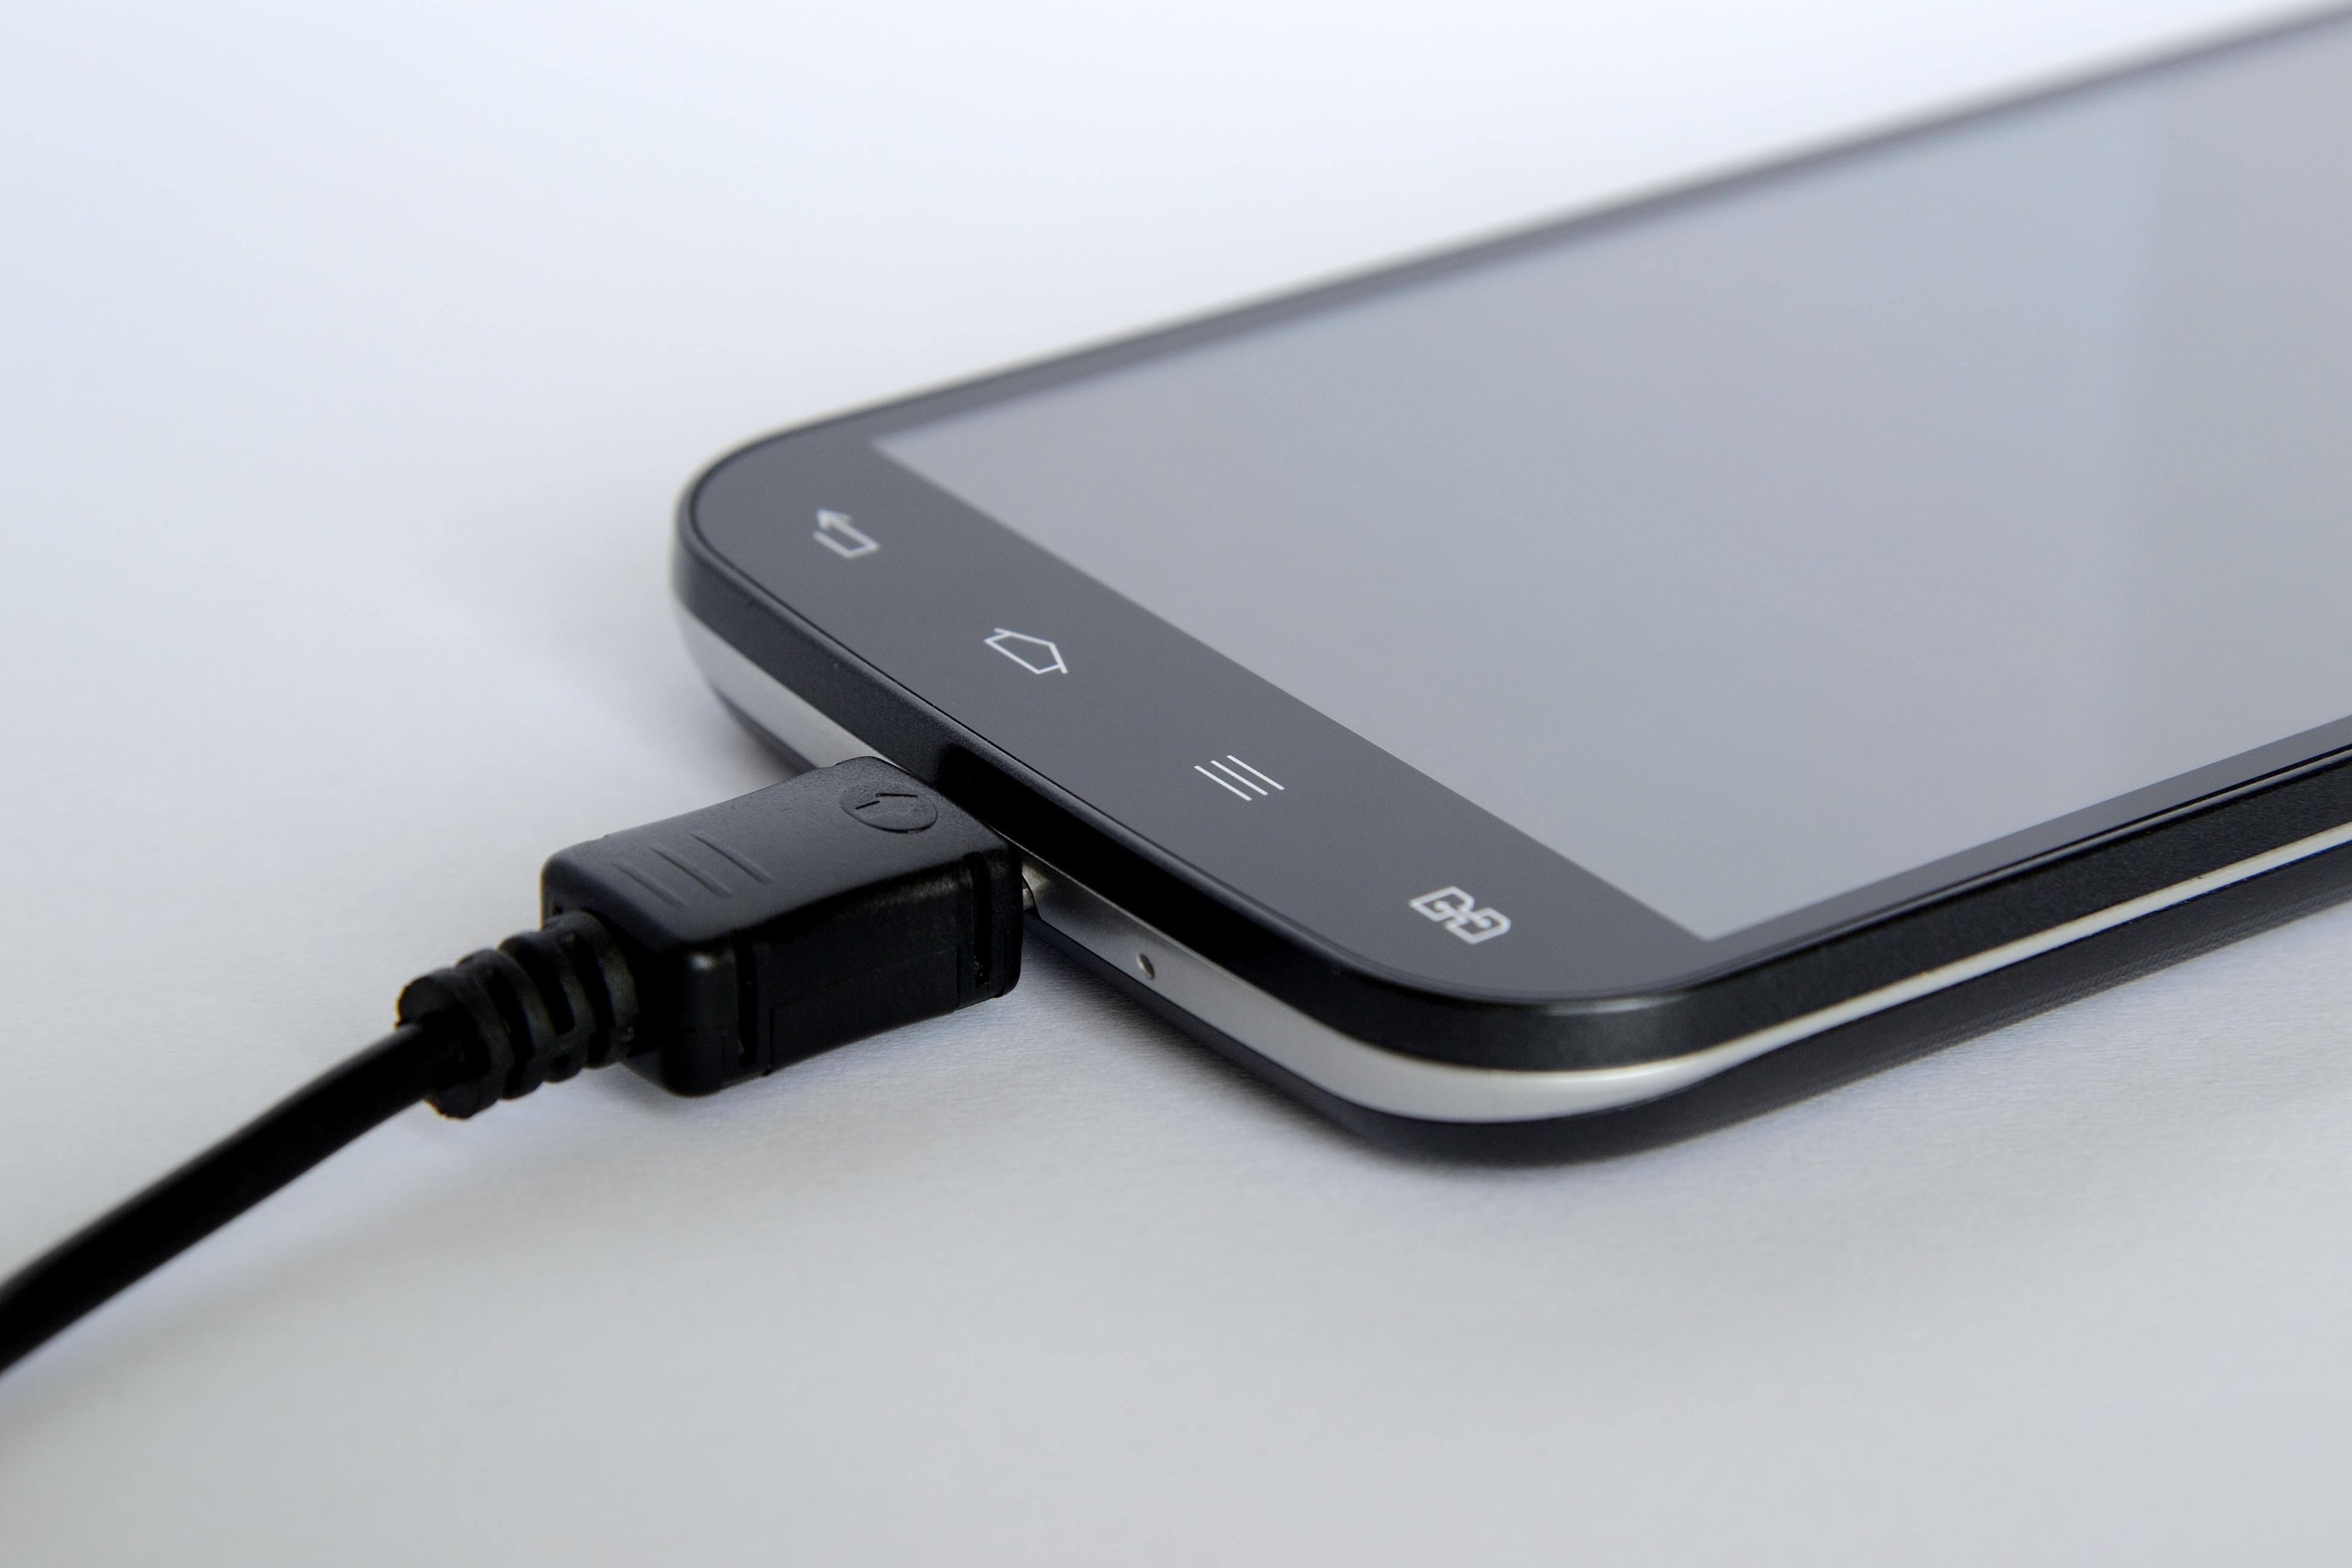 Gambar Smartphone Mobile Teknologi Alat Link Telepon Genggam